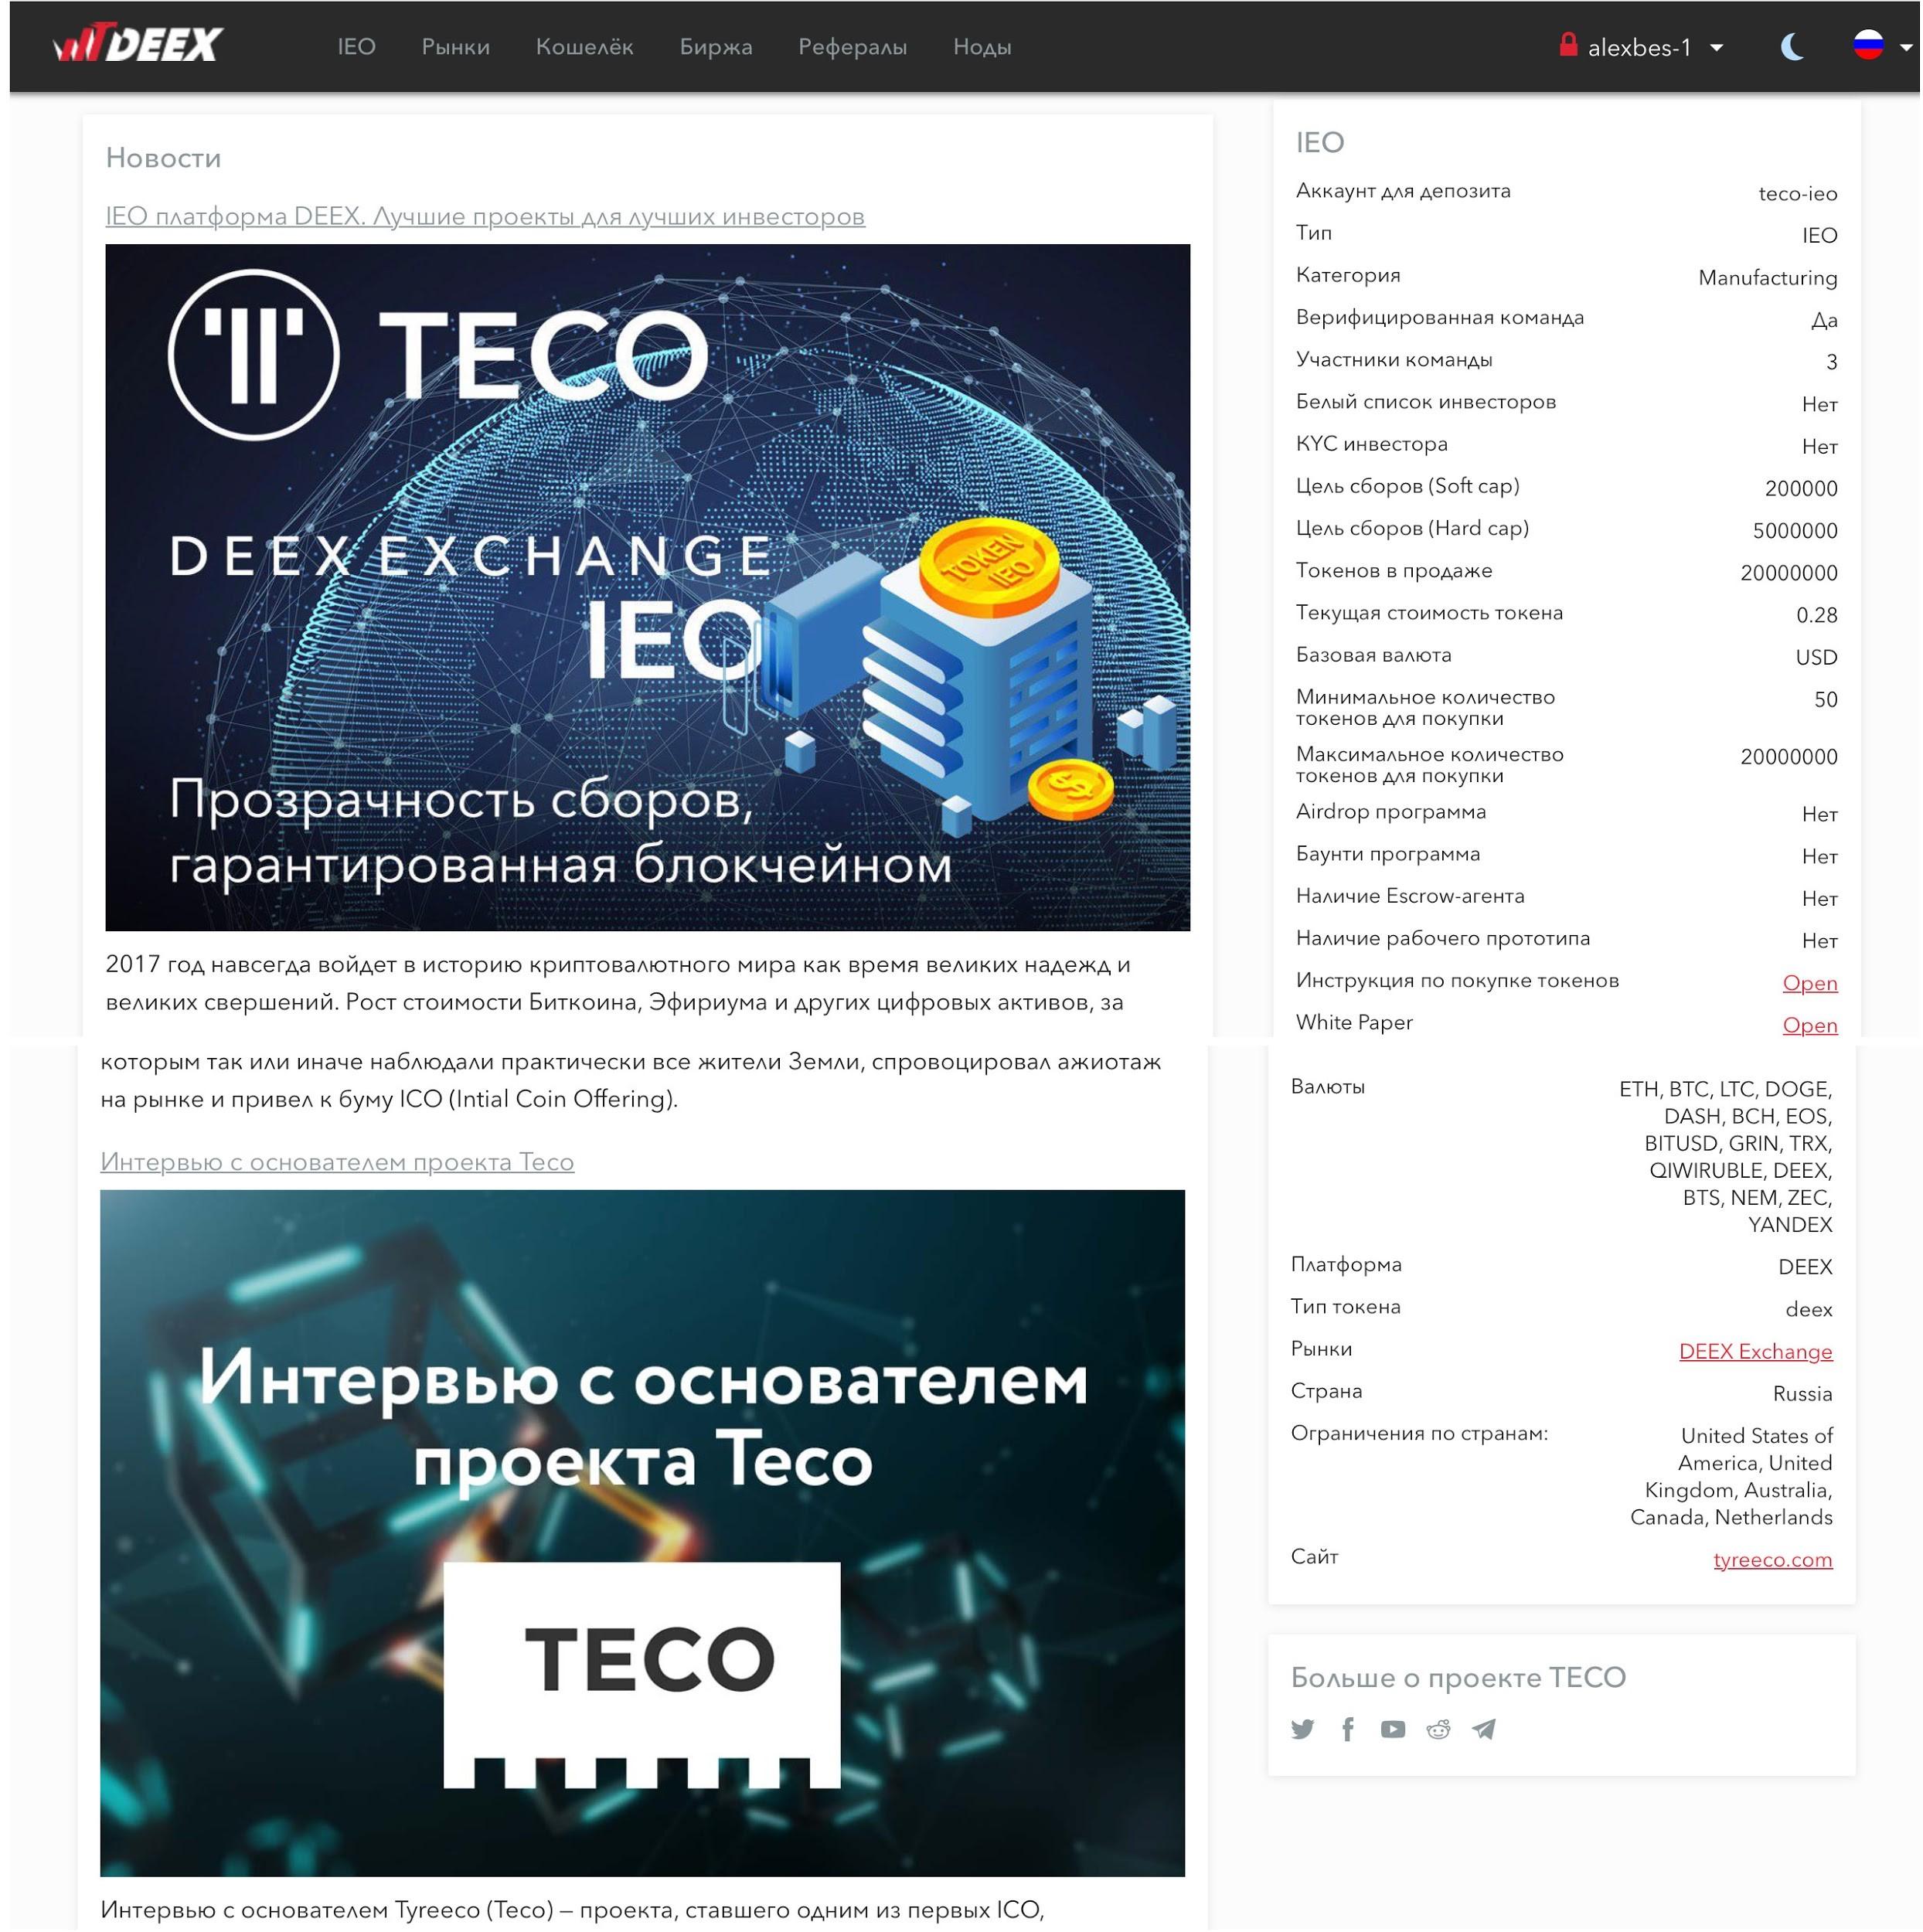 Биржа предоставляет возможность приобрести токены в любой валюте, представленной на DEEX - от традиционных криптовалют вроде BTC или ETH до стэйблкойнов, привязанных к рублям с возможоностью пополнения через QIWI или Яндекс.деньги